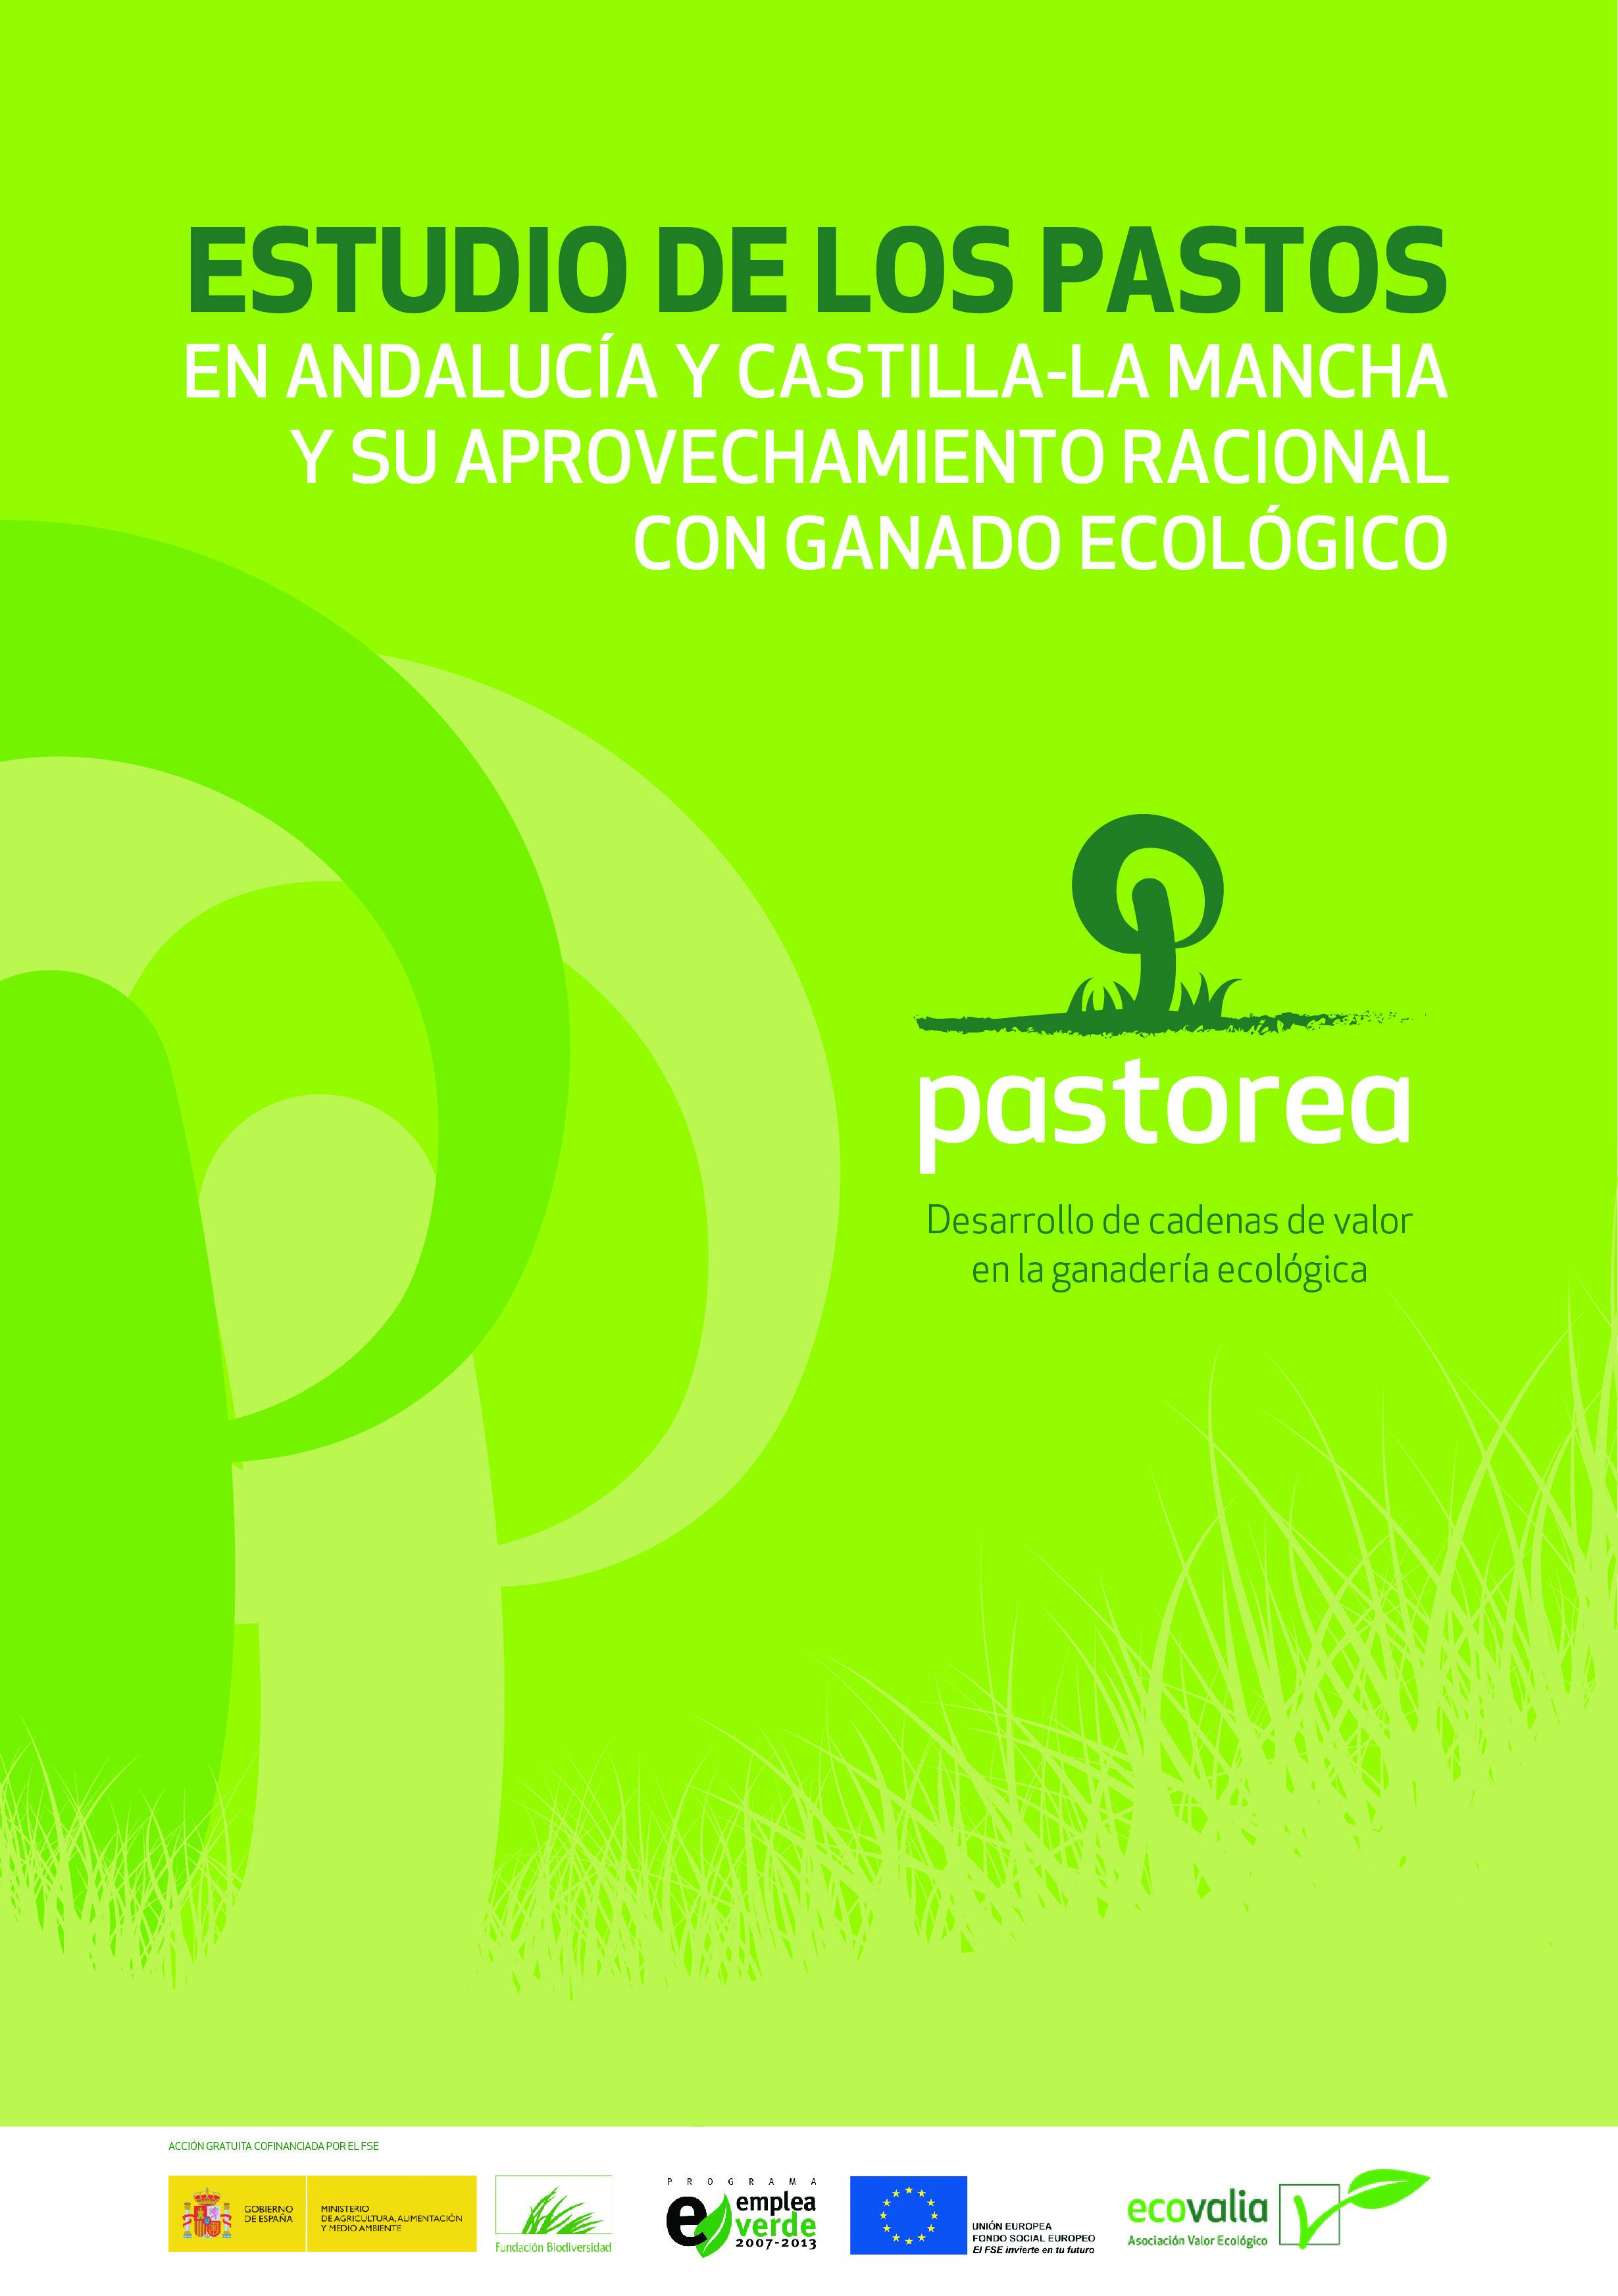 Estudio de los pastos en Andalucía y Castilla-La Mancha y su aprovechamiento racional con ganado ecológico